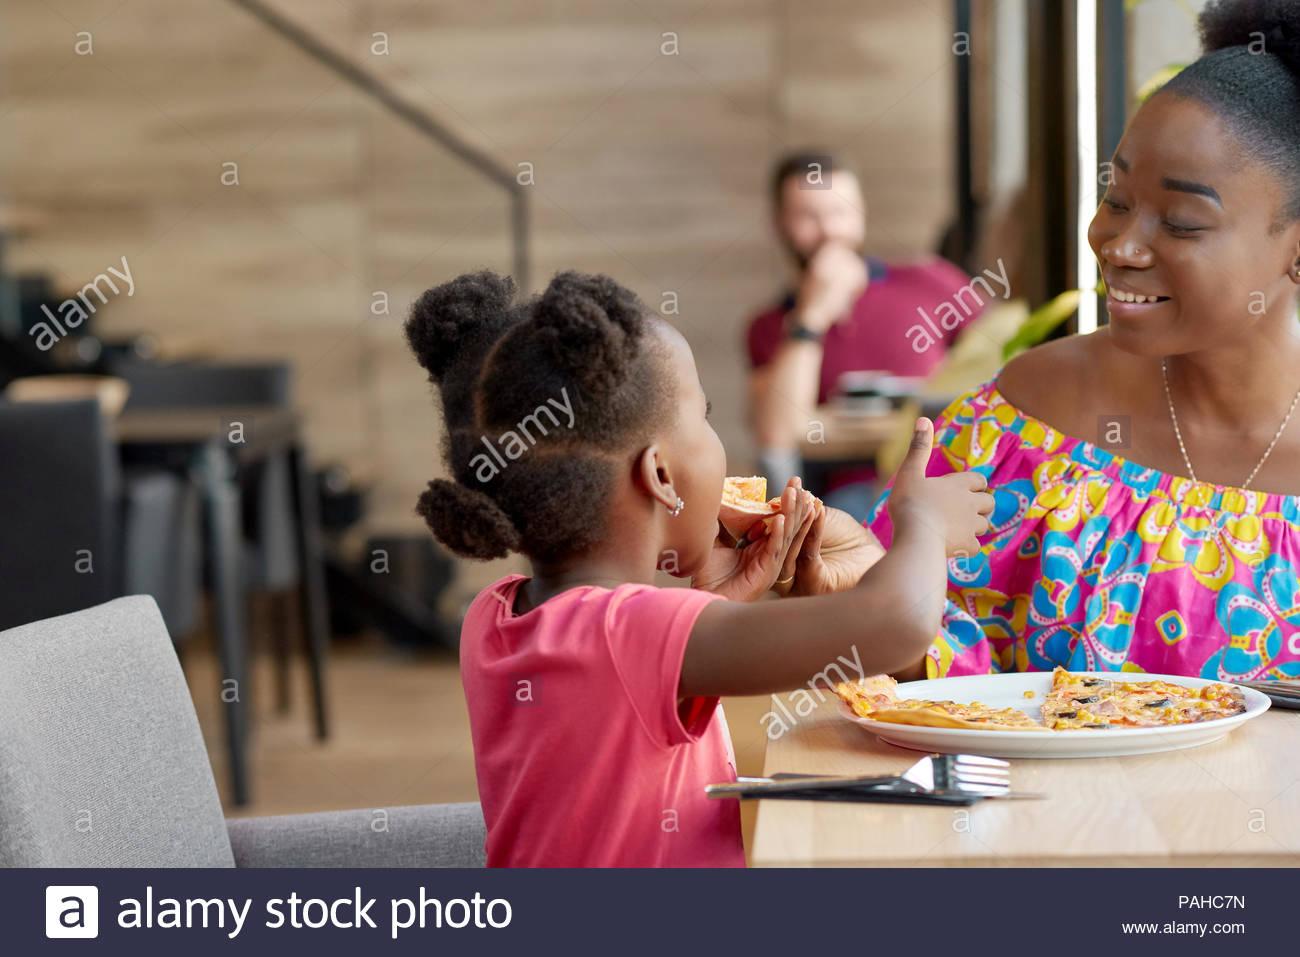 Felice madre bambino alimentazione deliziosa pizza seduti in un ristorante locale. Sorridente, avente un buon umore, meraviglioso tempo insieme, famiglia deliziosa. Altri client in seduta cafe sfondo. Loft interni. Immagini Stock